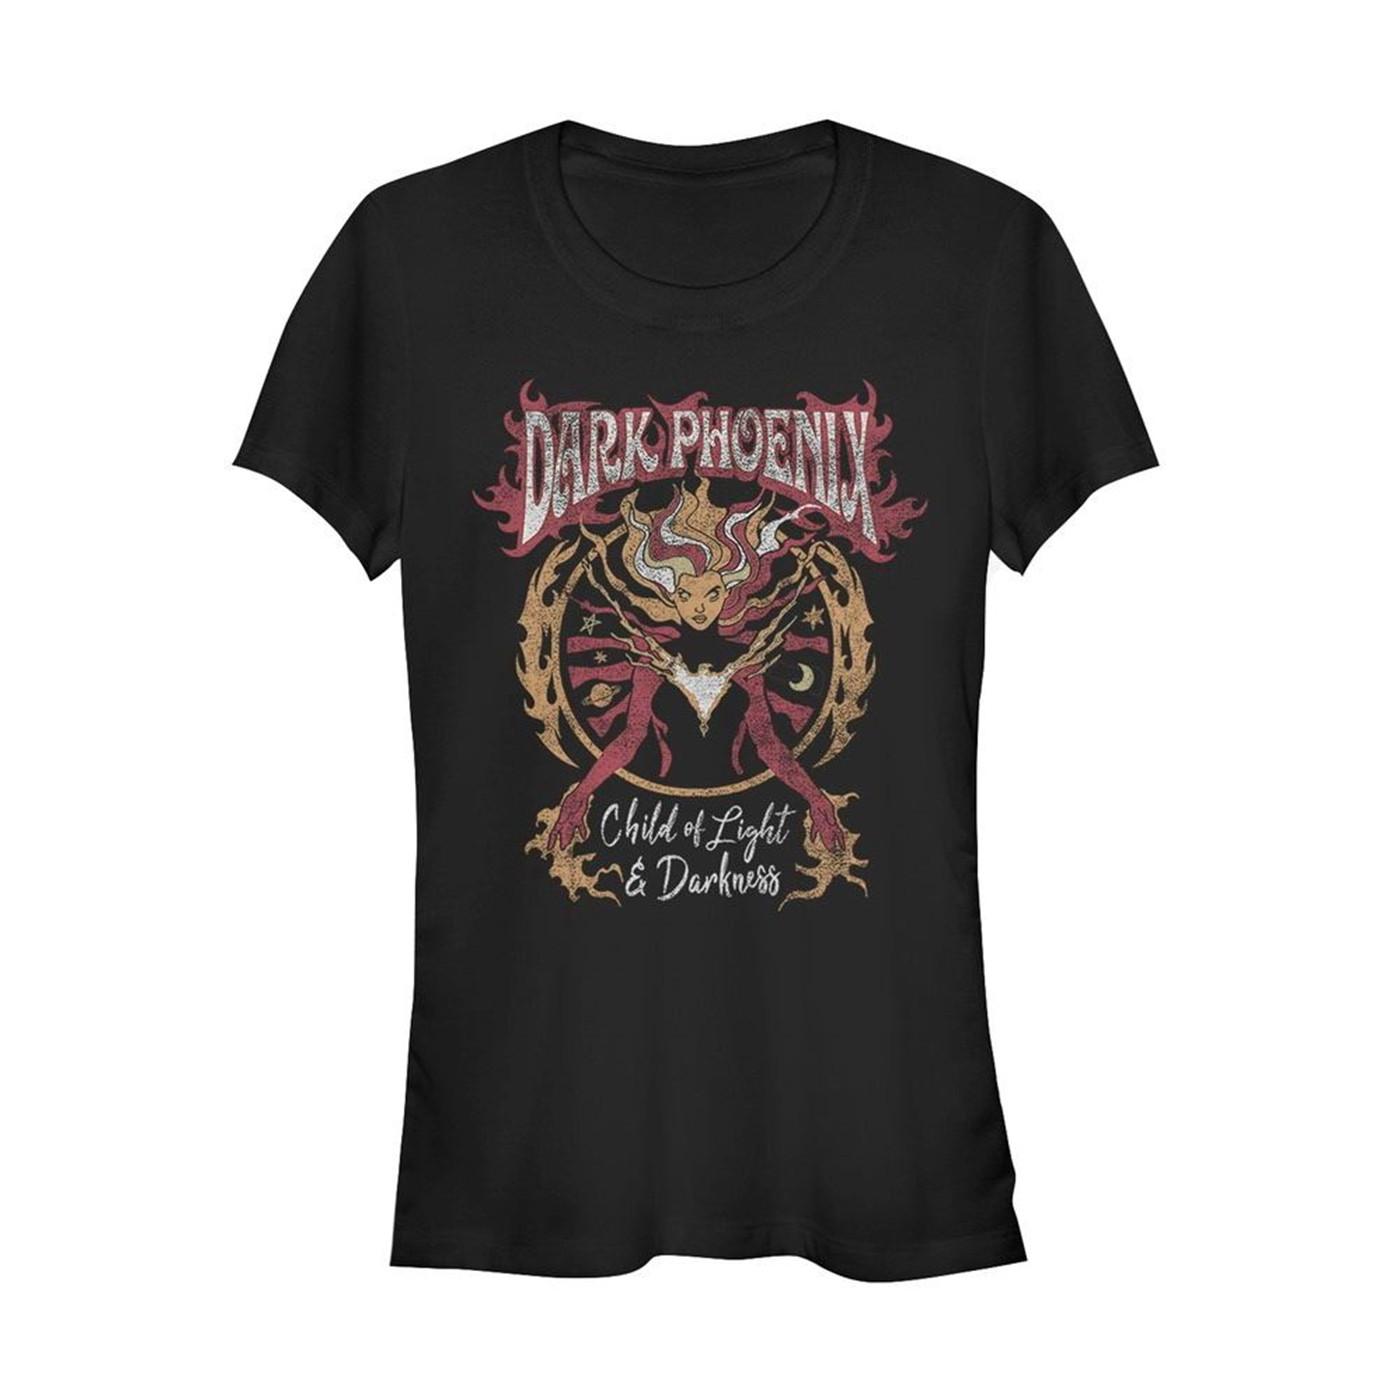 X-Men Dark Phoenix Child of Light and Darkness Women's T-Shirt